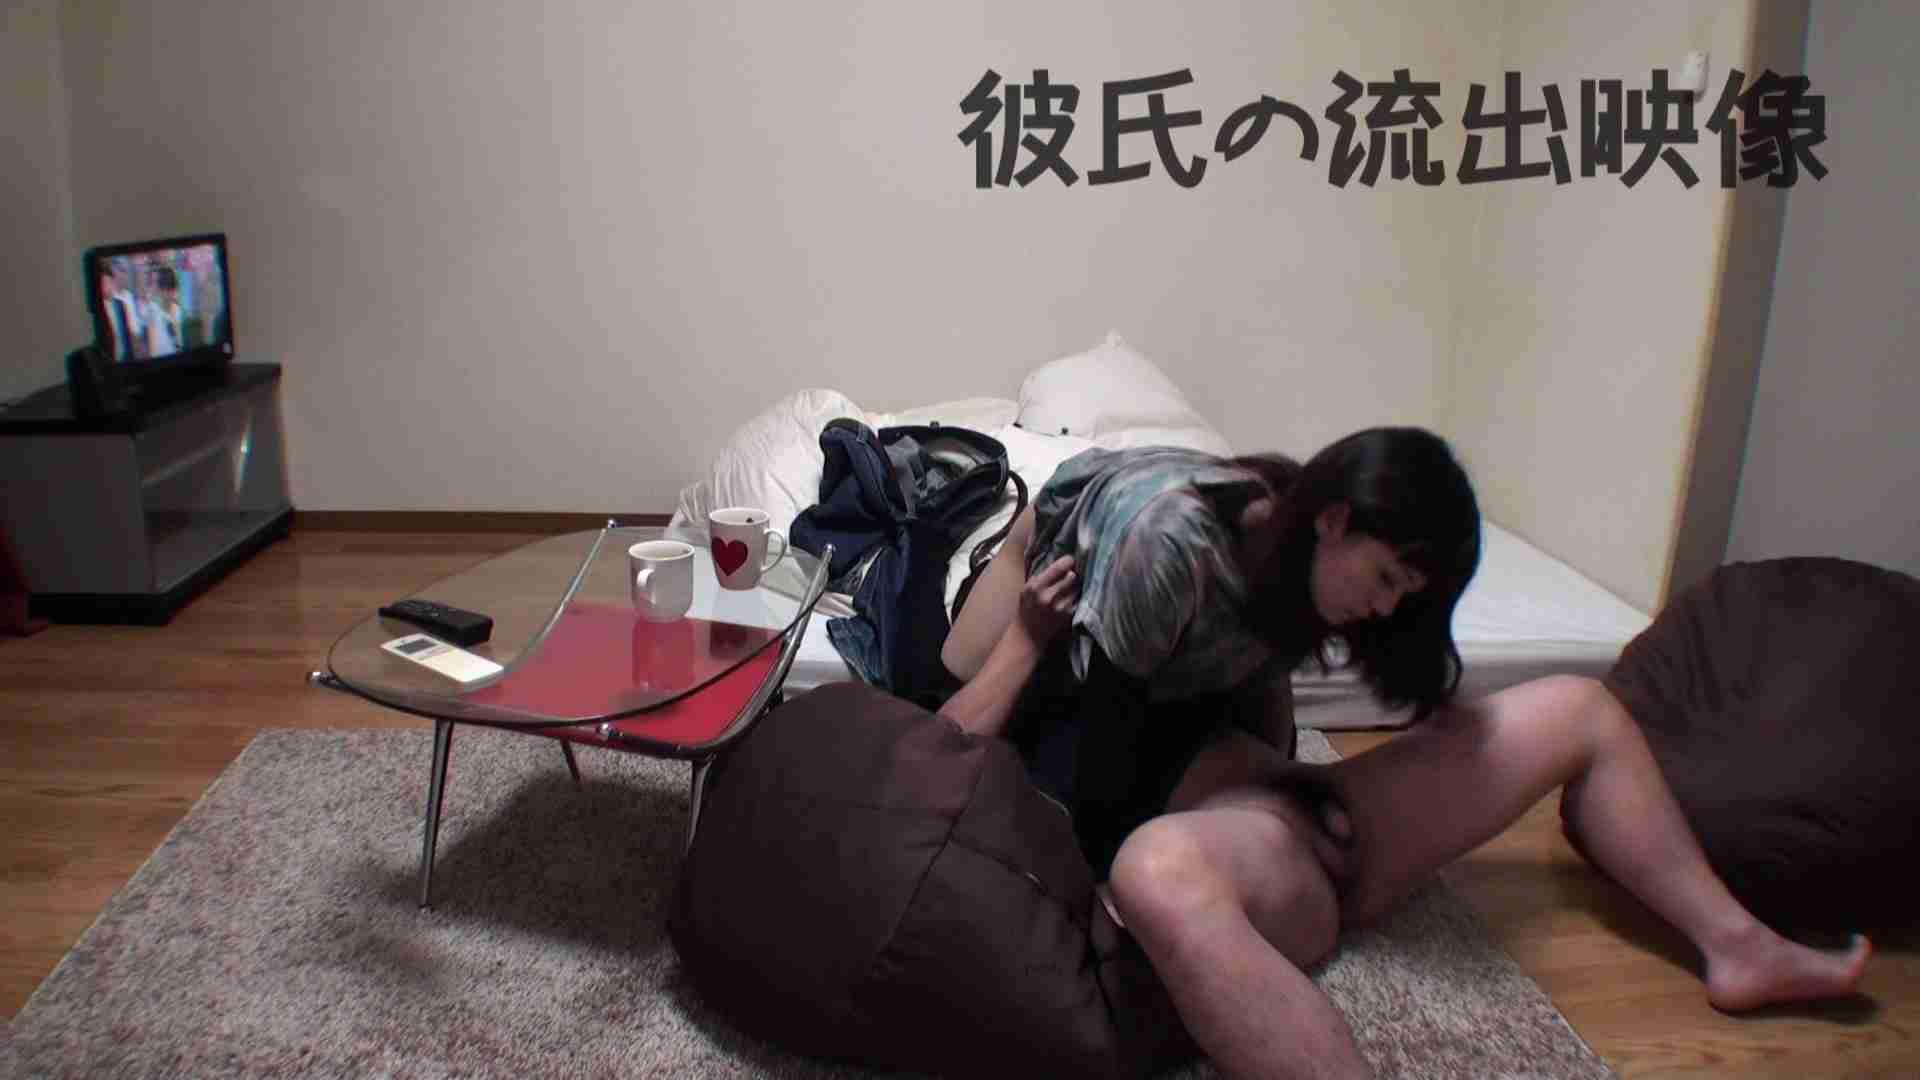 彼氏が流出 パイパン素人嬢のハメ撮り映像02 フェラ 覗きおまんこ画像 79pic 45